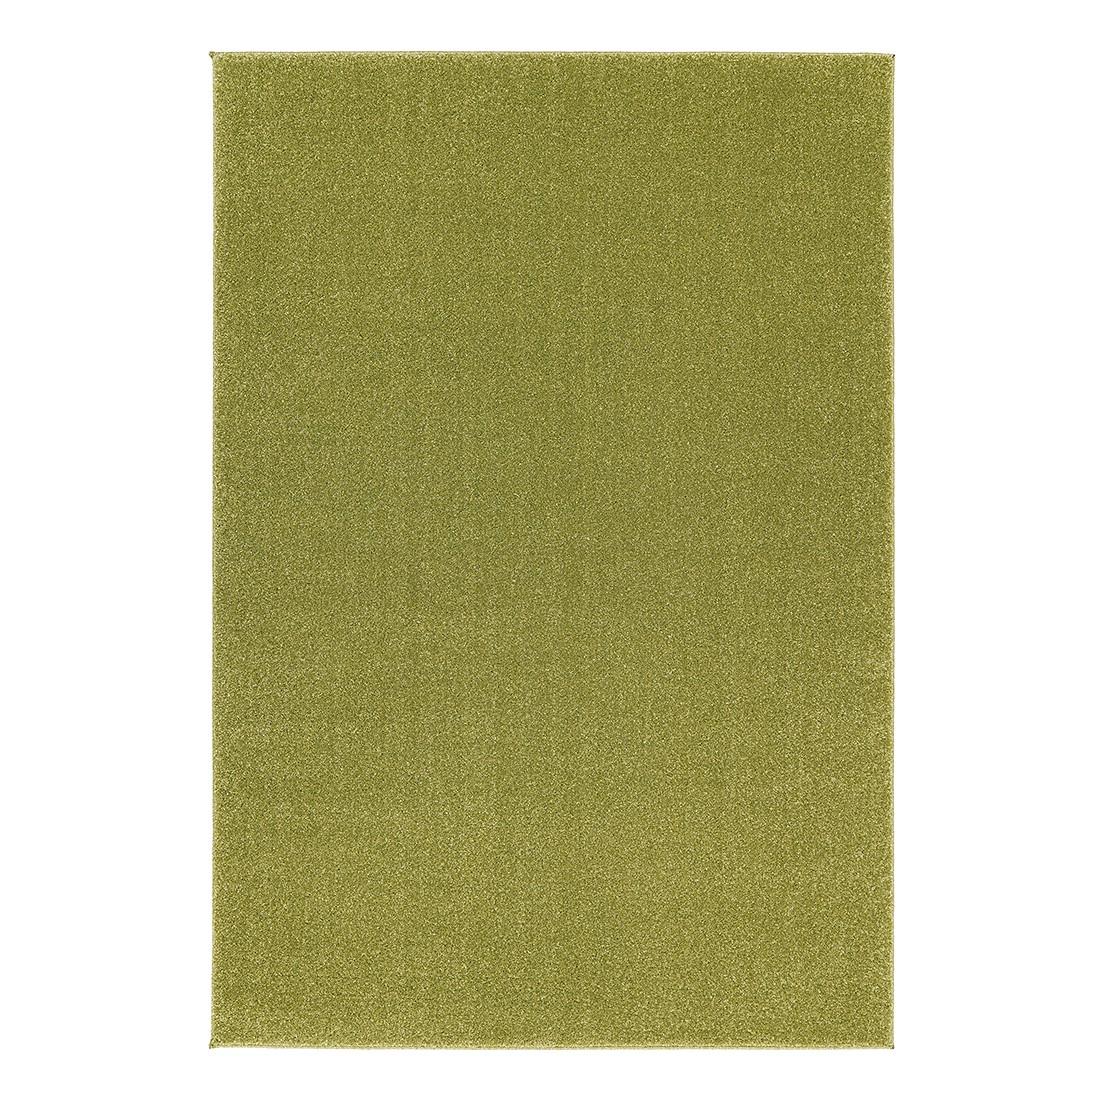 Teppich Samoa I – Grün – 160 x 230 cm, Astra jetzt bestellen